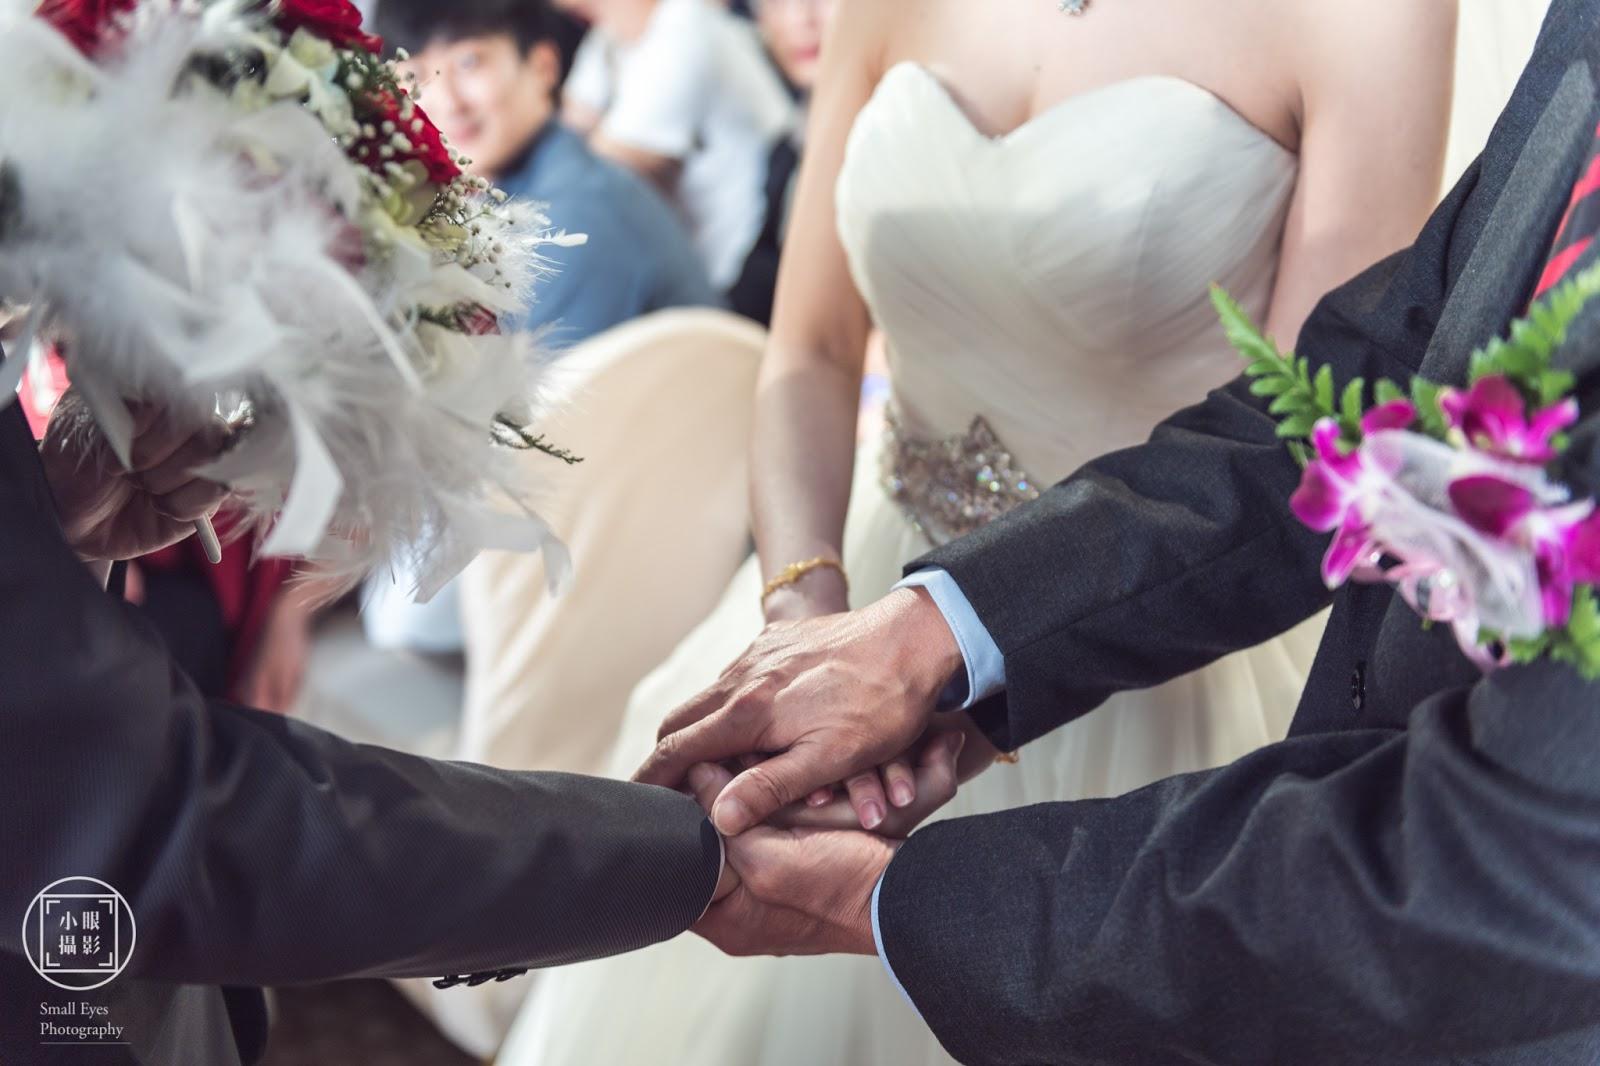 婚攝,小眼攝影,婚禮紀實,婚禮紀錄,婚紗,國內婚紗,海外婚紗,寫真,婚攝小眼,人像寫真,新莊翰品酒店